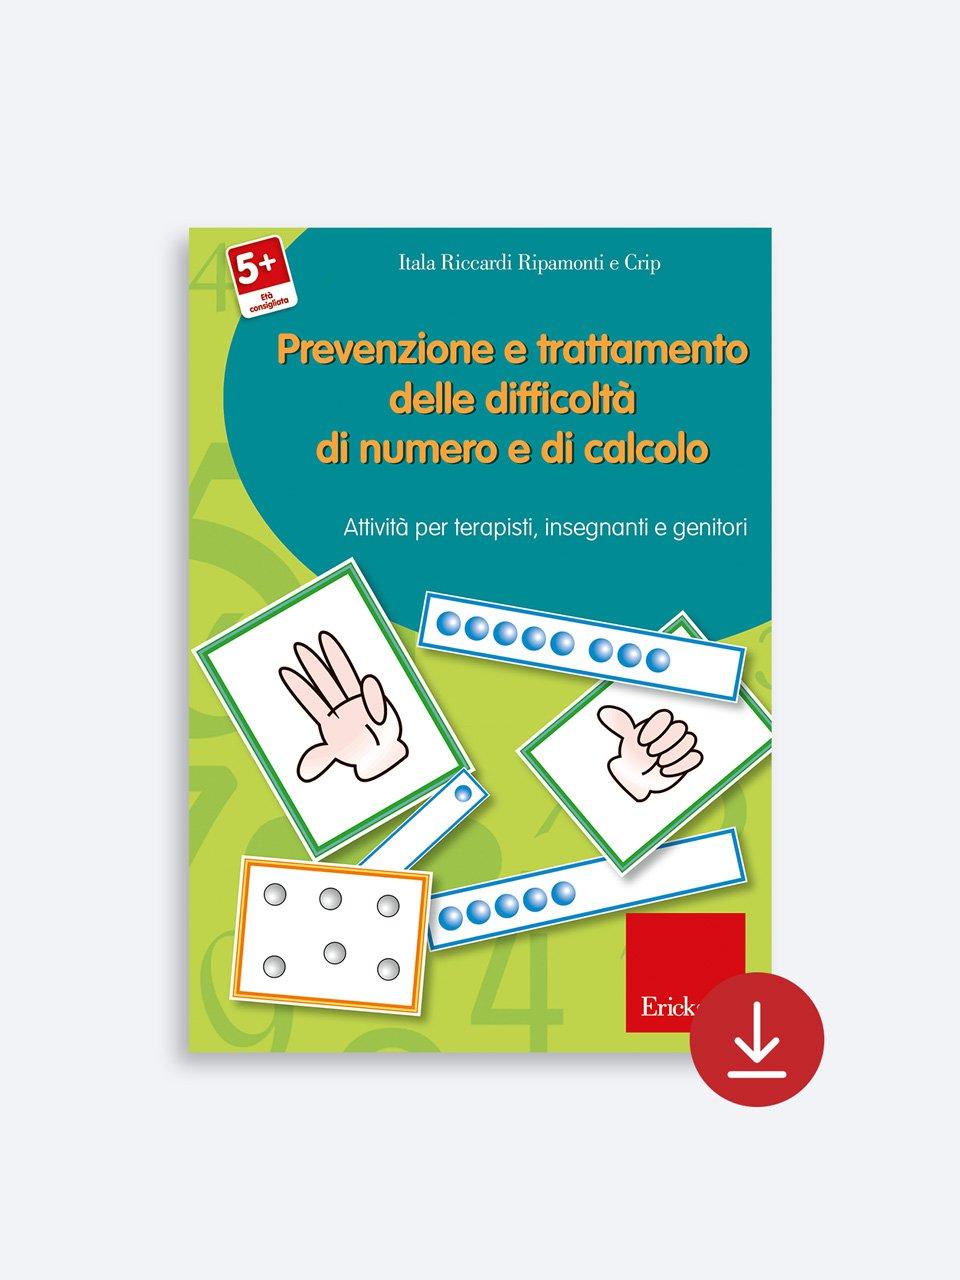 Prevenzione e trattamento delle difficoltà di numero e di calcolo - Tabelline e difficoltà aritmetiche - Libri - App e software - Erickson 3